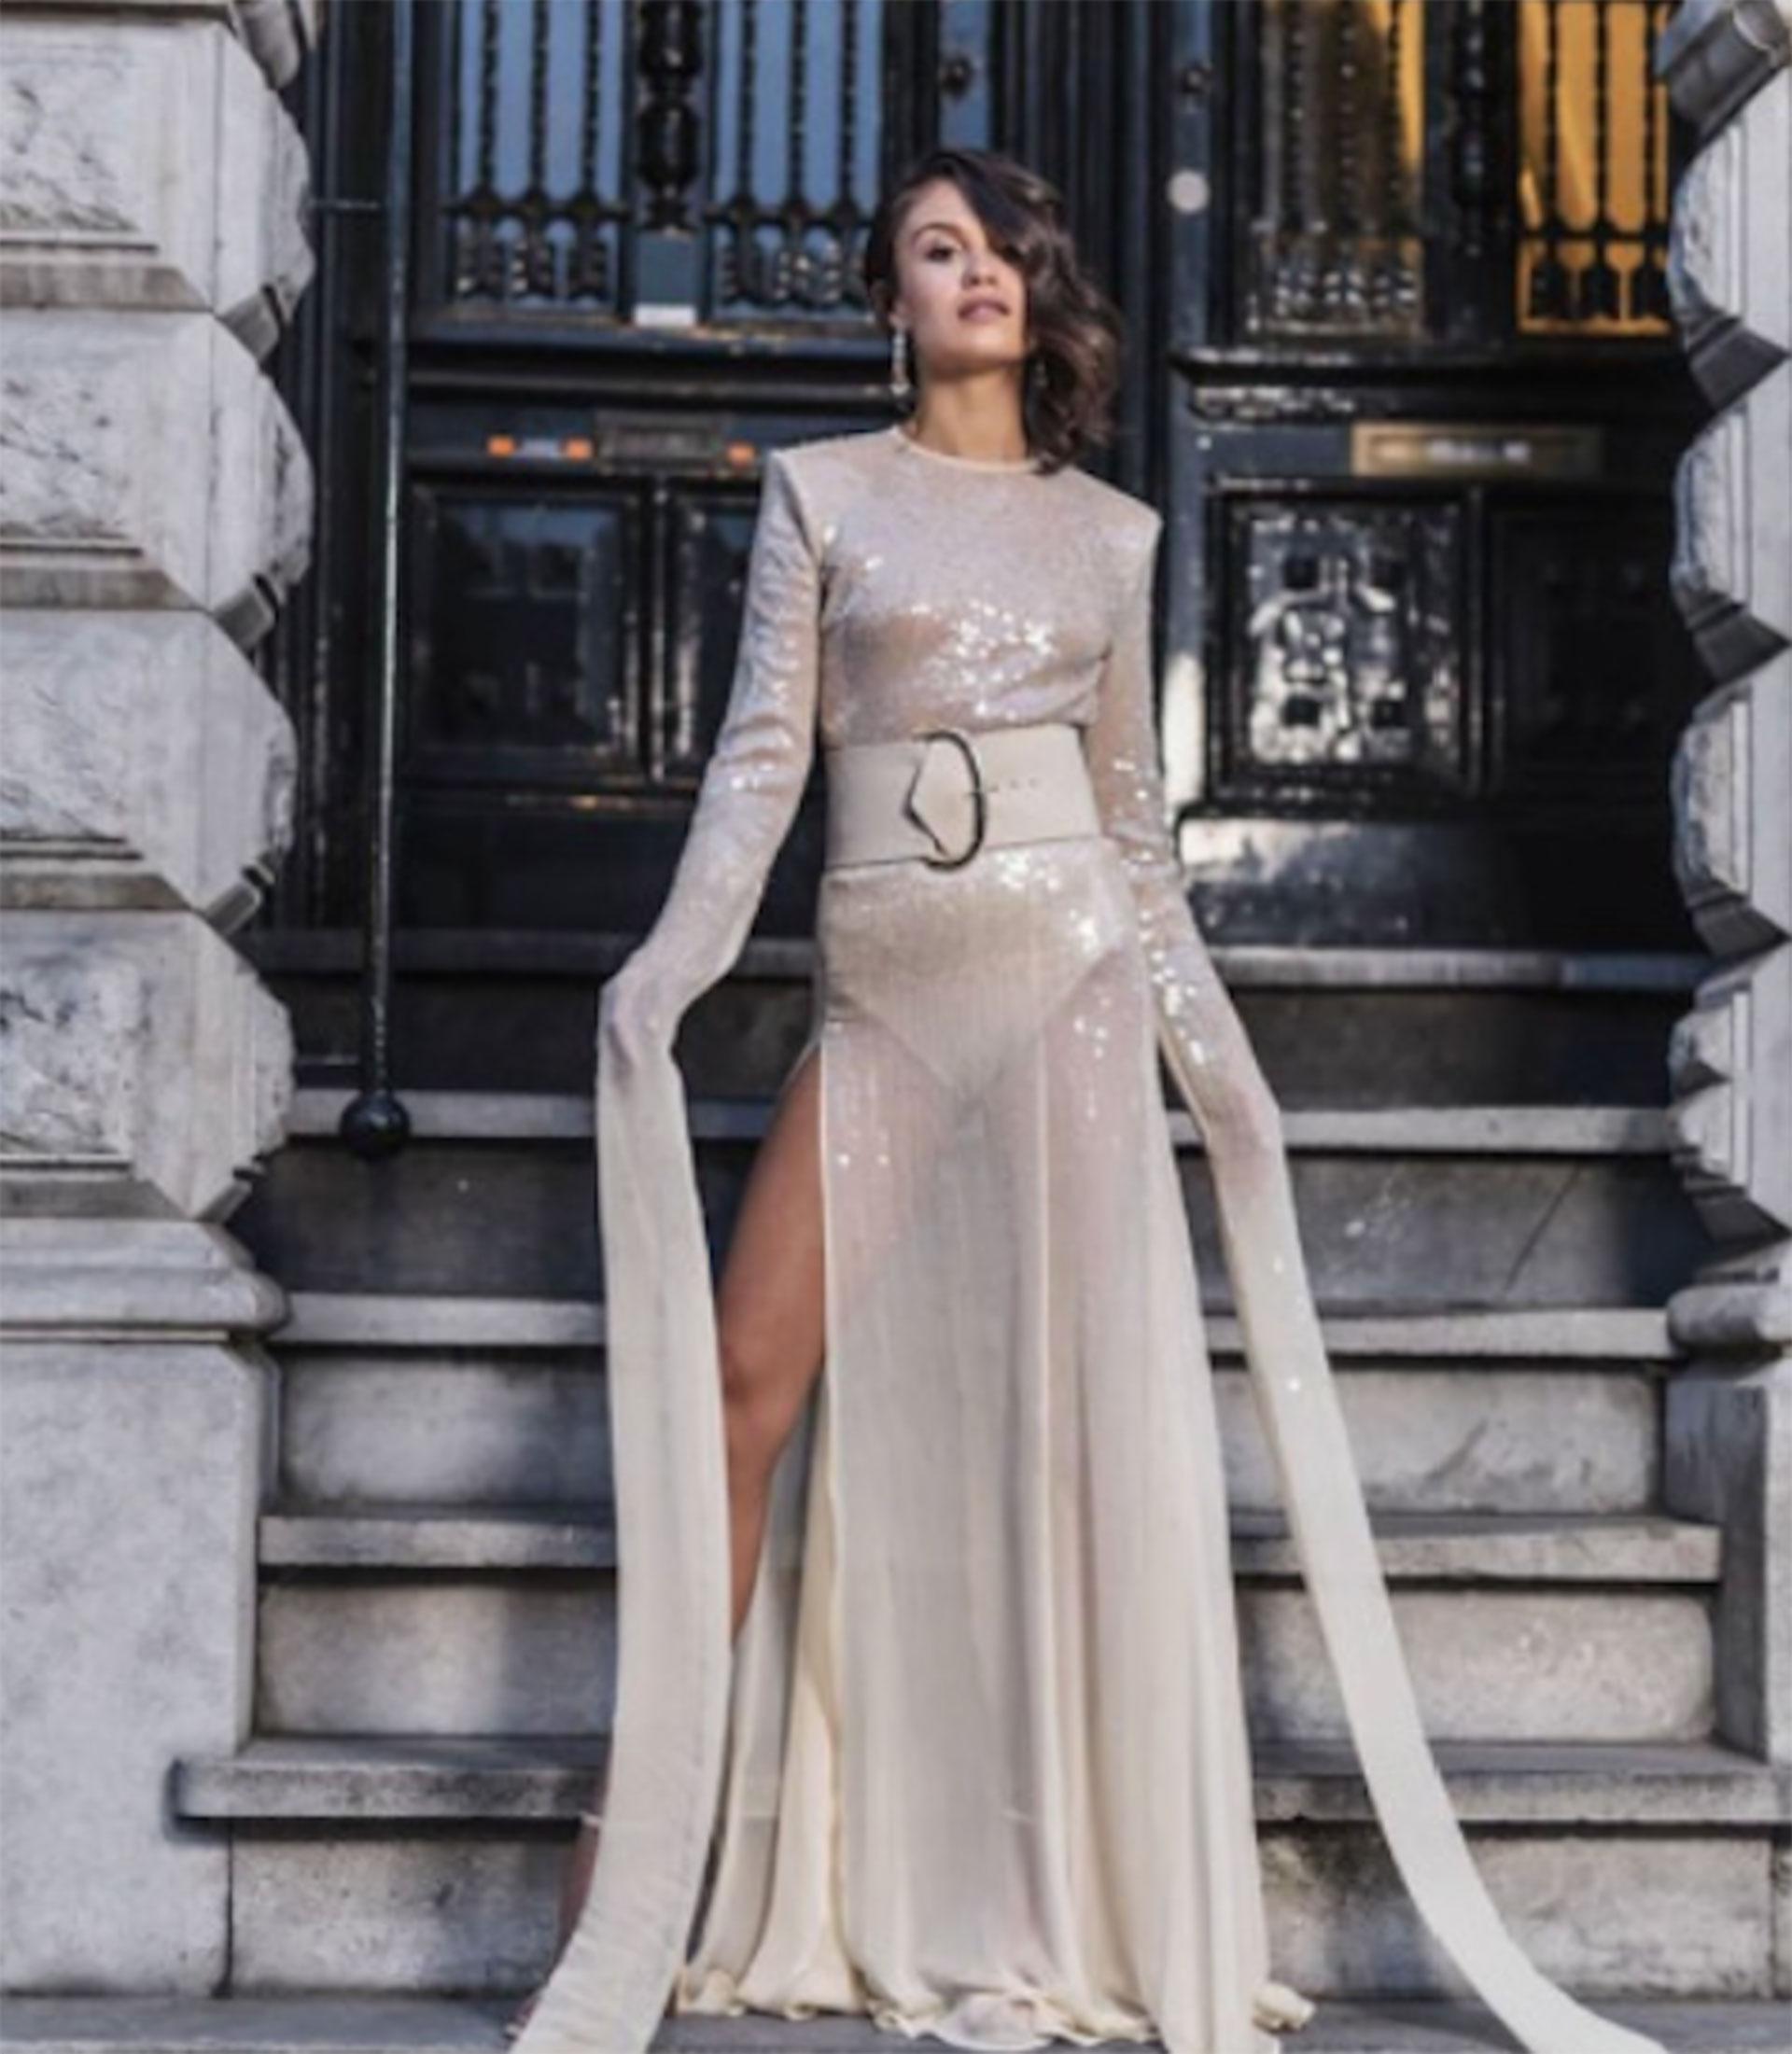 El diseño original es con falda larga y transparente.